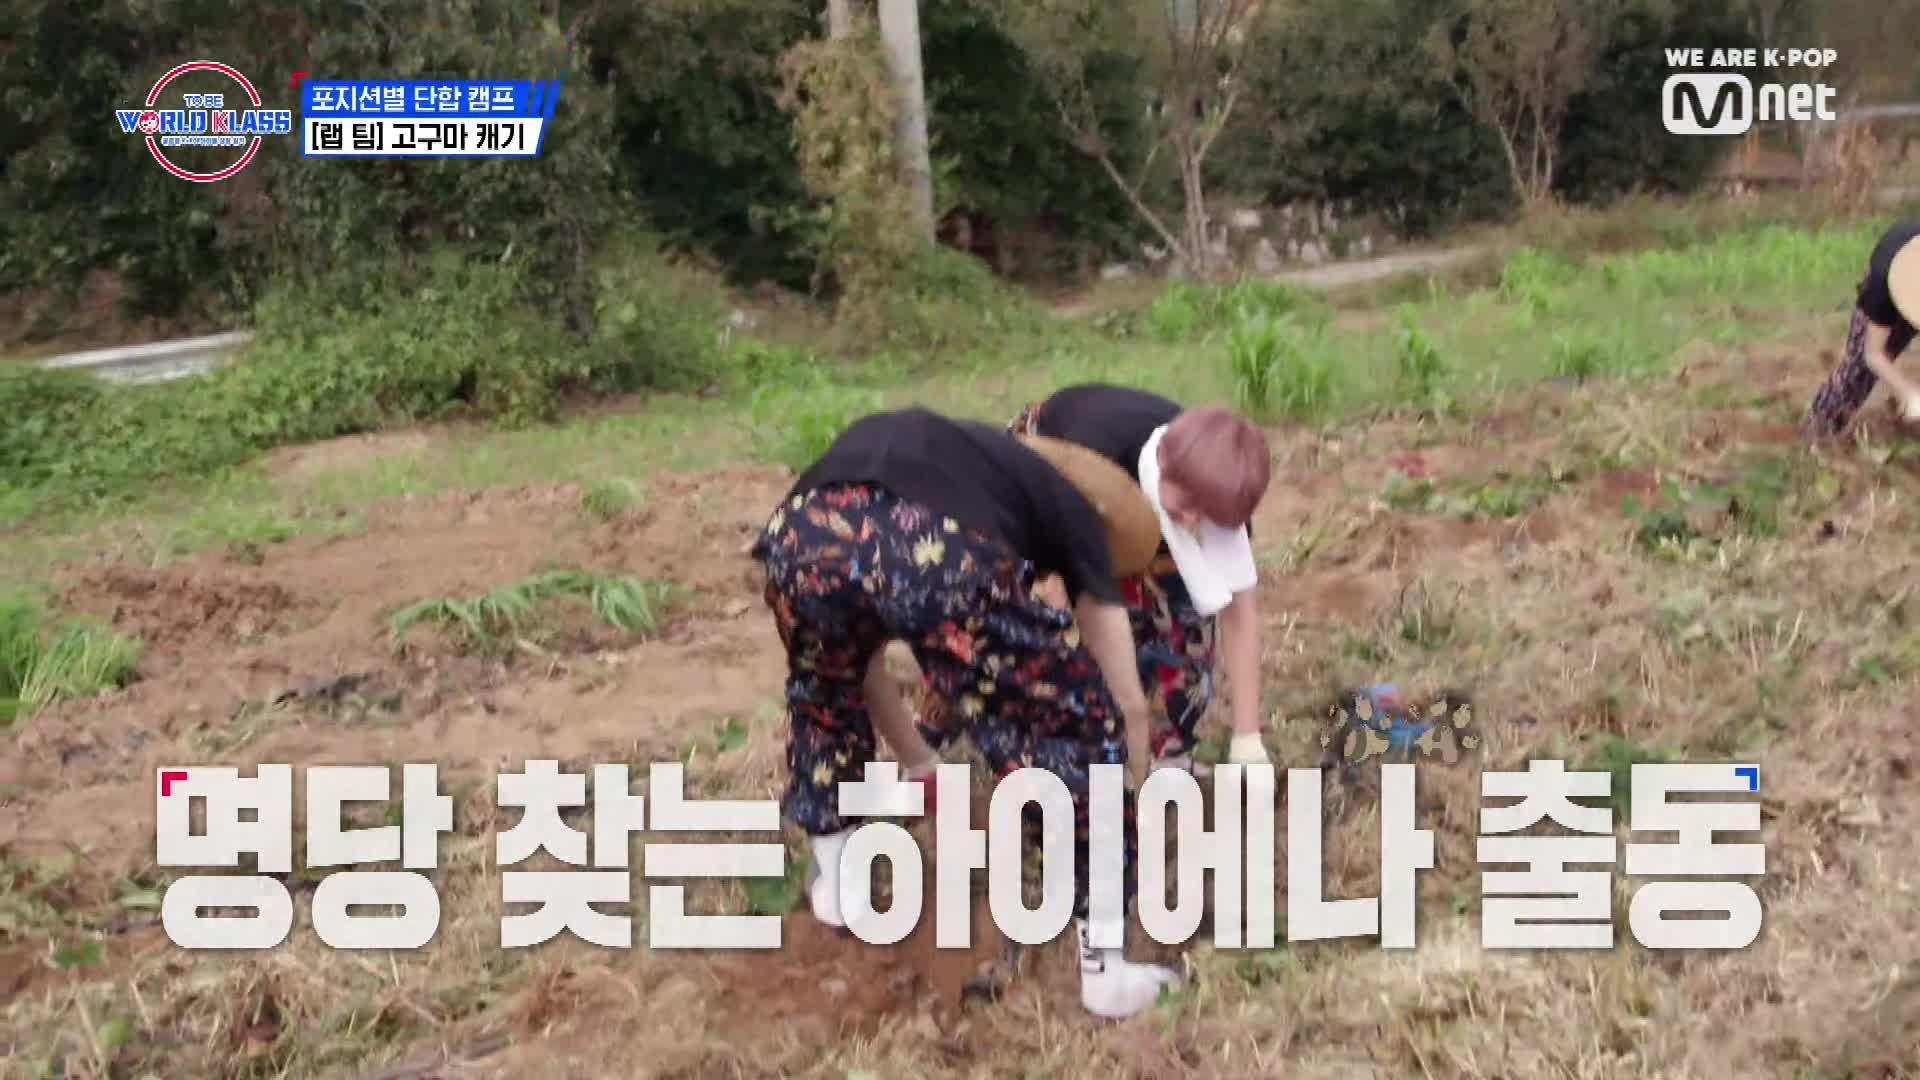 [6회] 'Go구마로 Flex' 밭두렁 SWAG 뽐내는 랩 팀의 고구마 캐기